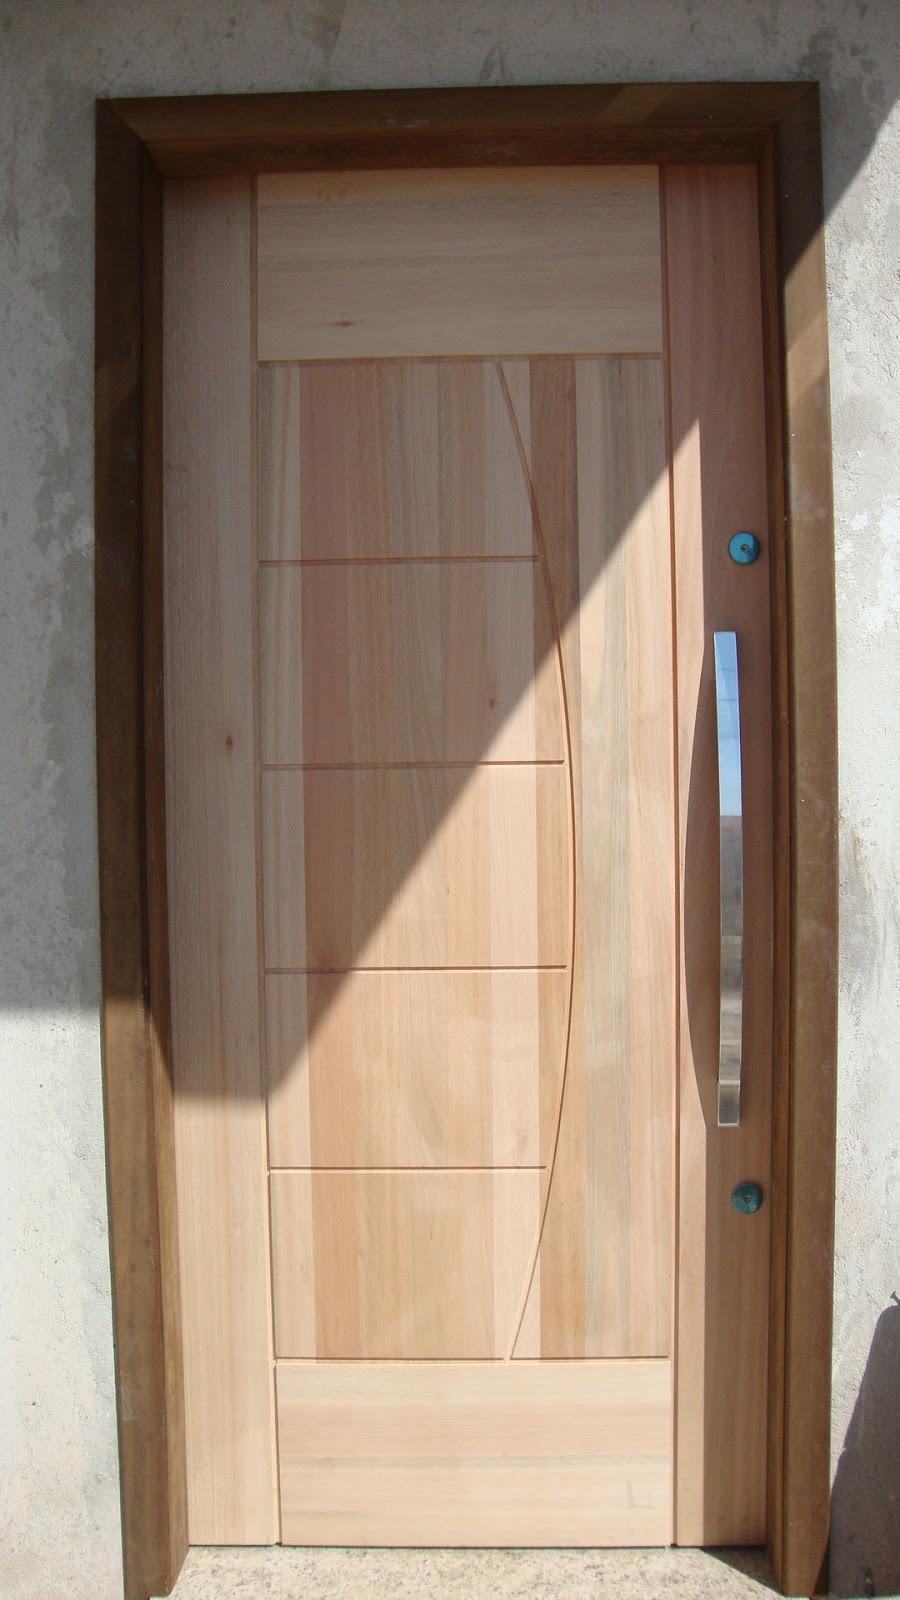 Odisseia Habitacional: Agora temos portas!